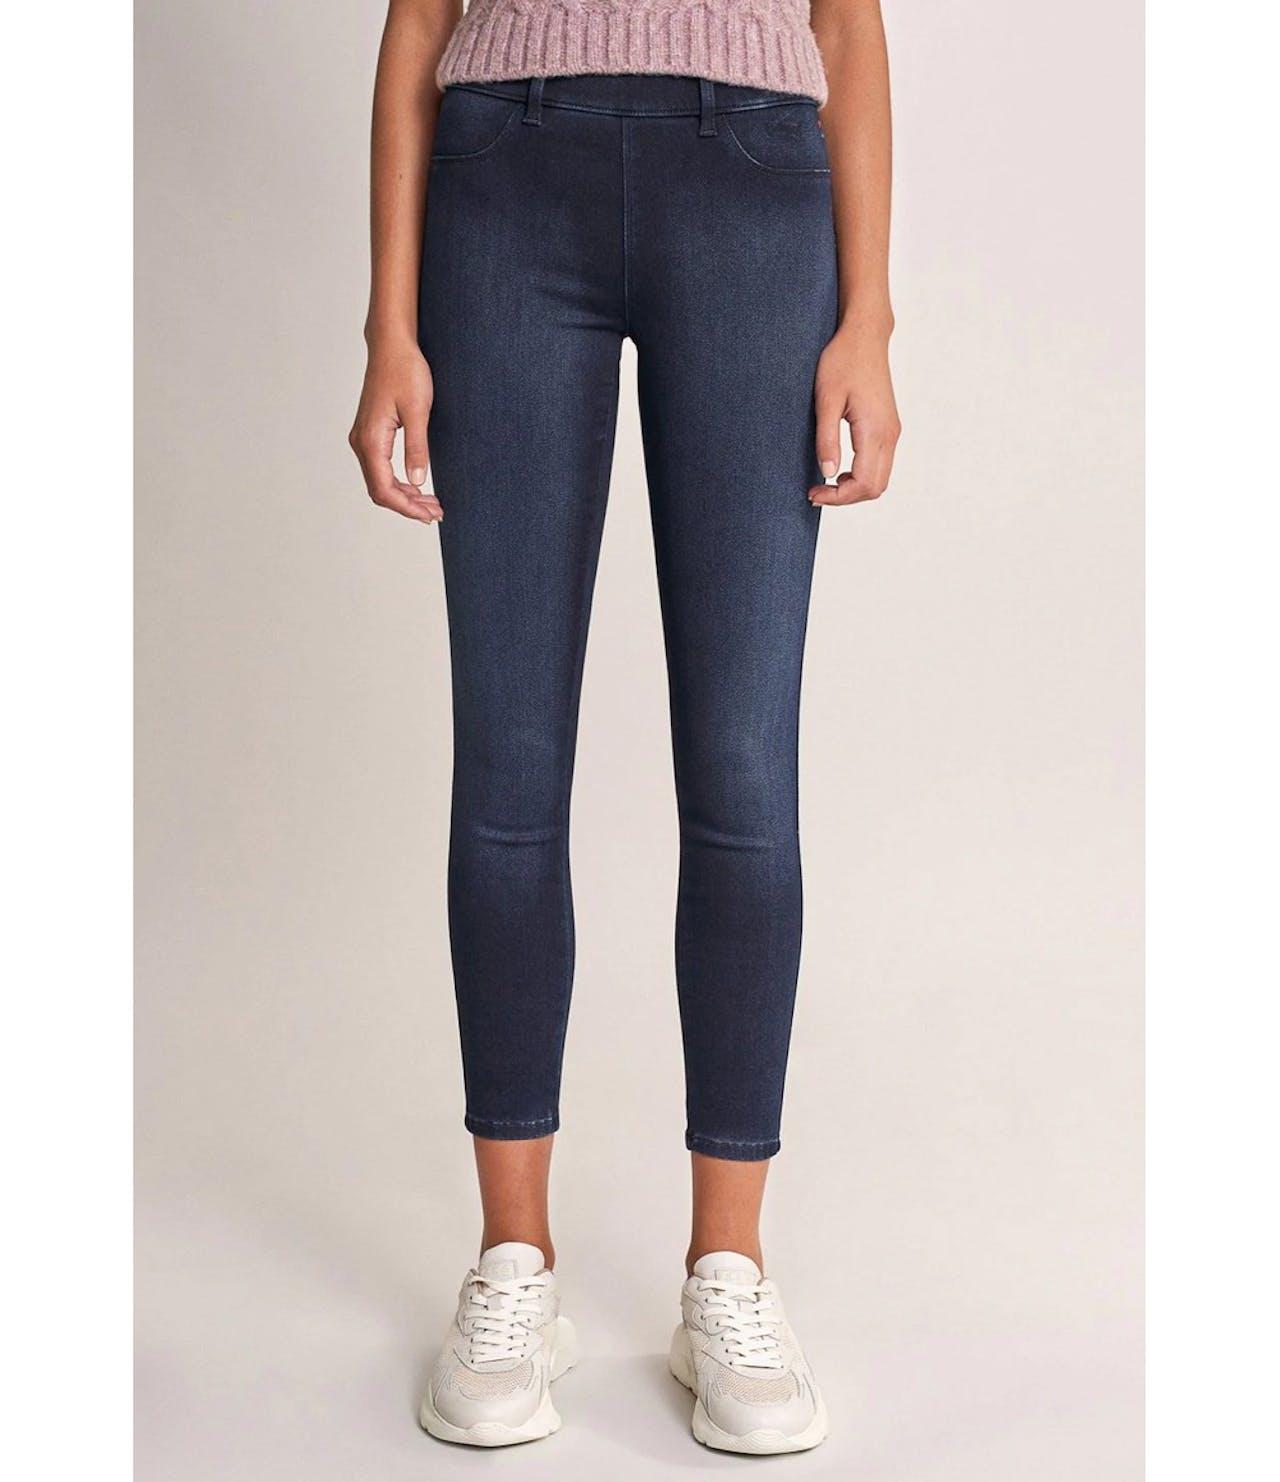 Salsa Jeans 28 Leg Push Up Wonder Medium Waisted Capri Jeggings